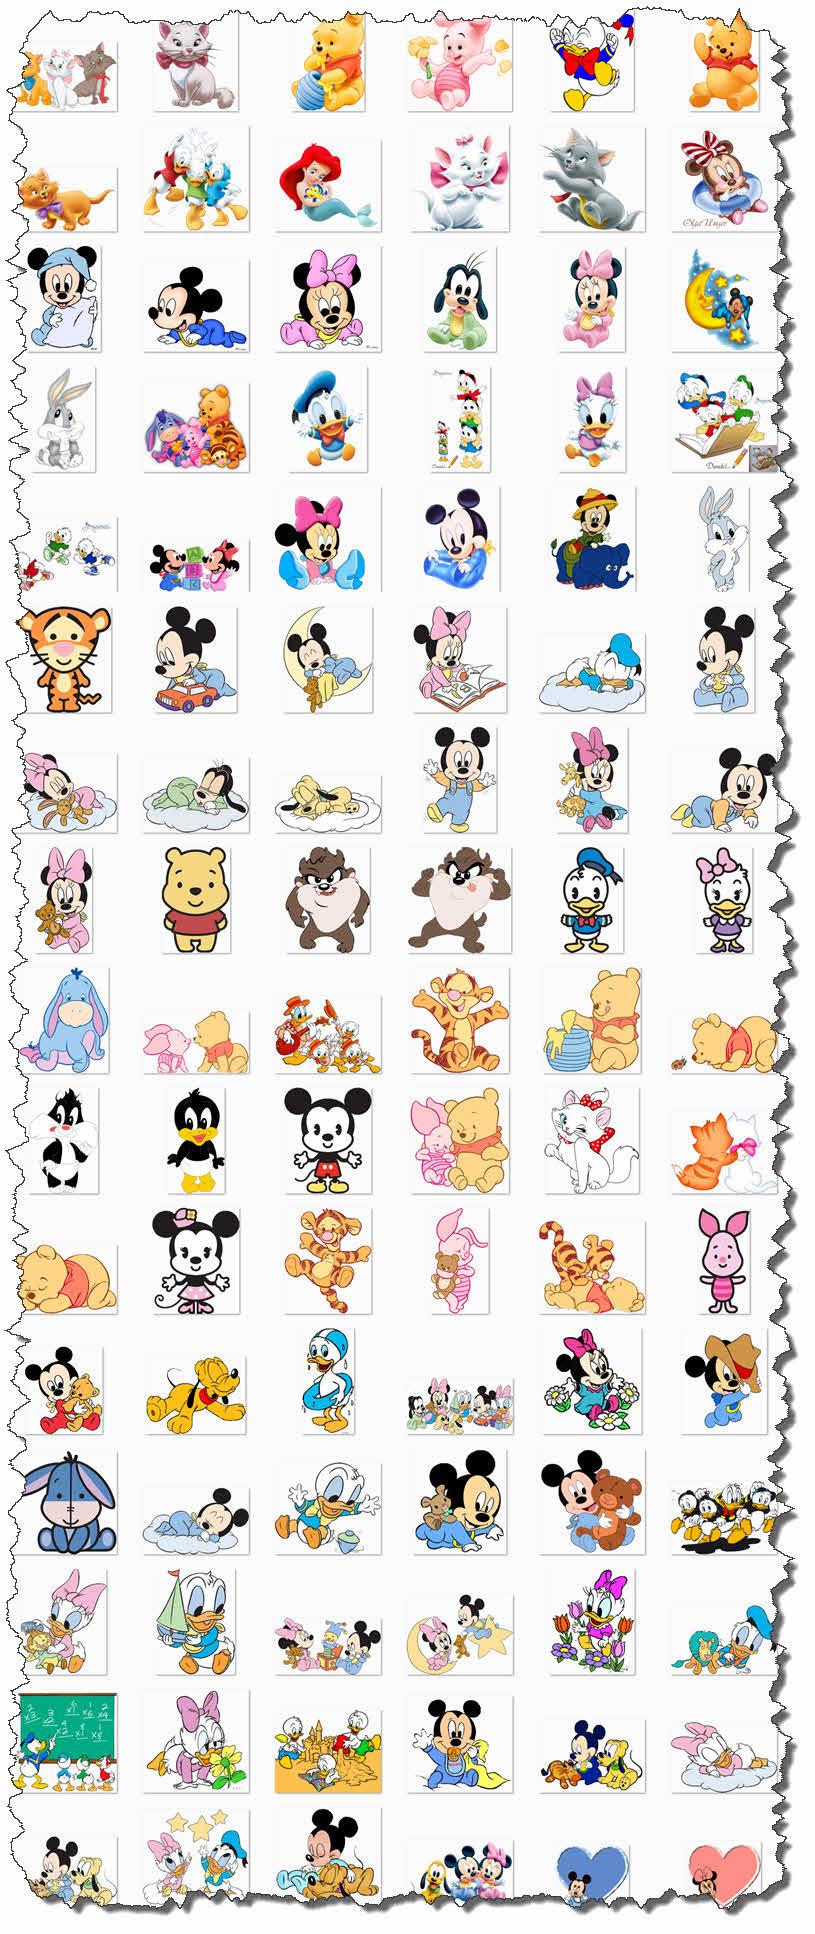 شخصيات كرتونية بخلفية شفافة.تصميم قصص أطفال .تصميم وسائل تعليمية 1464281695112.jpg